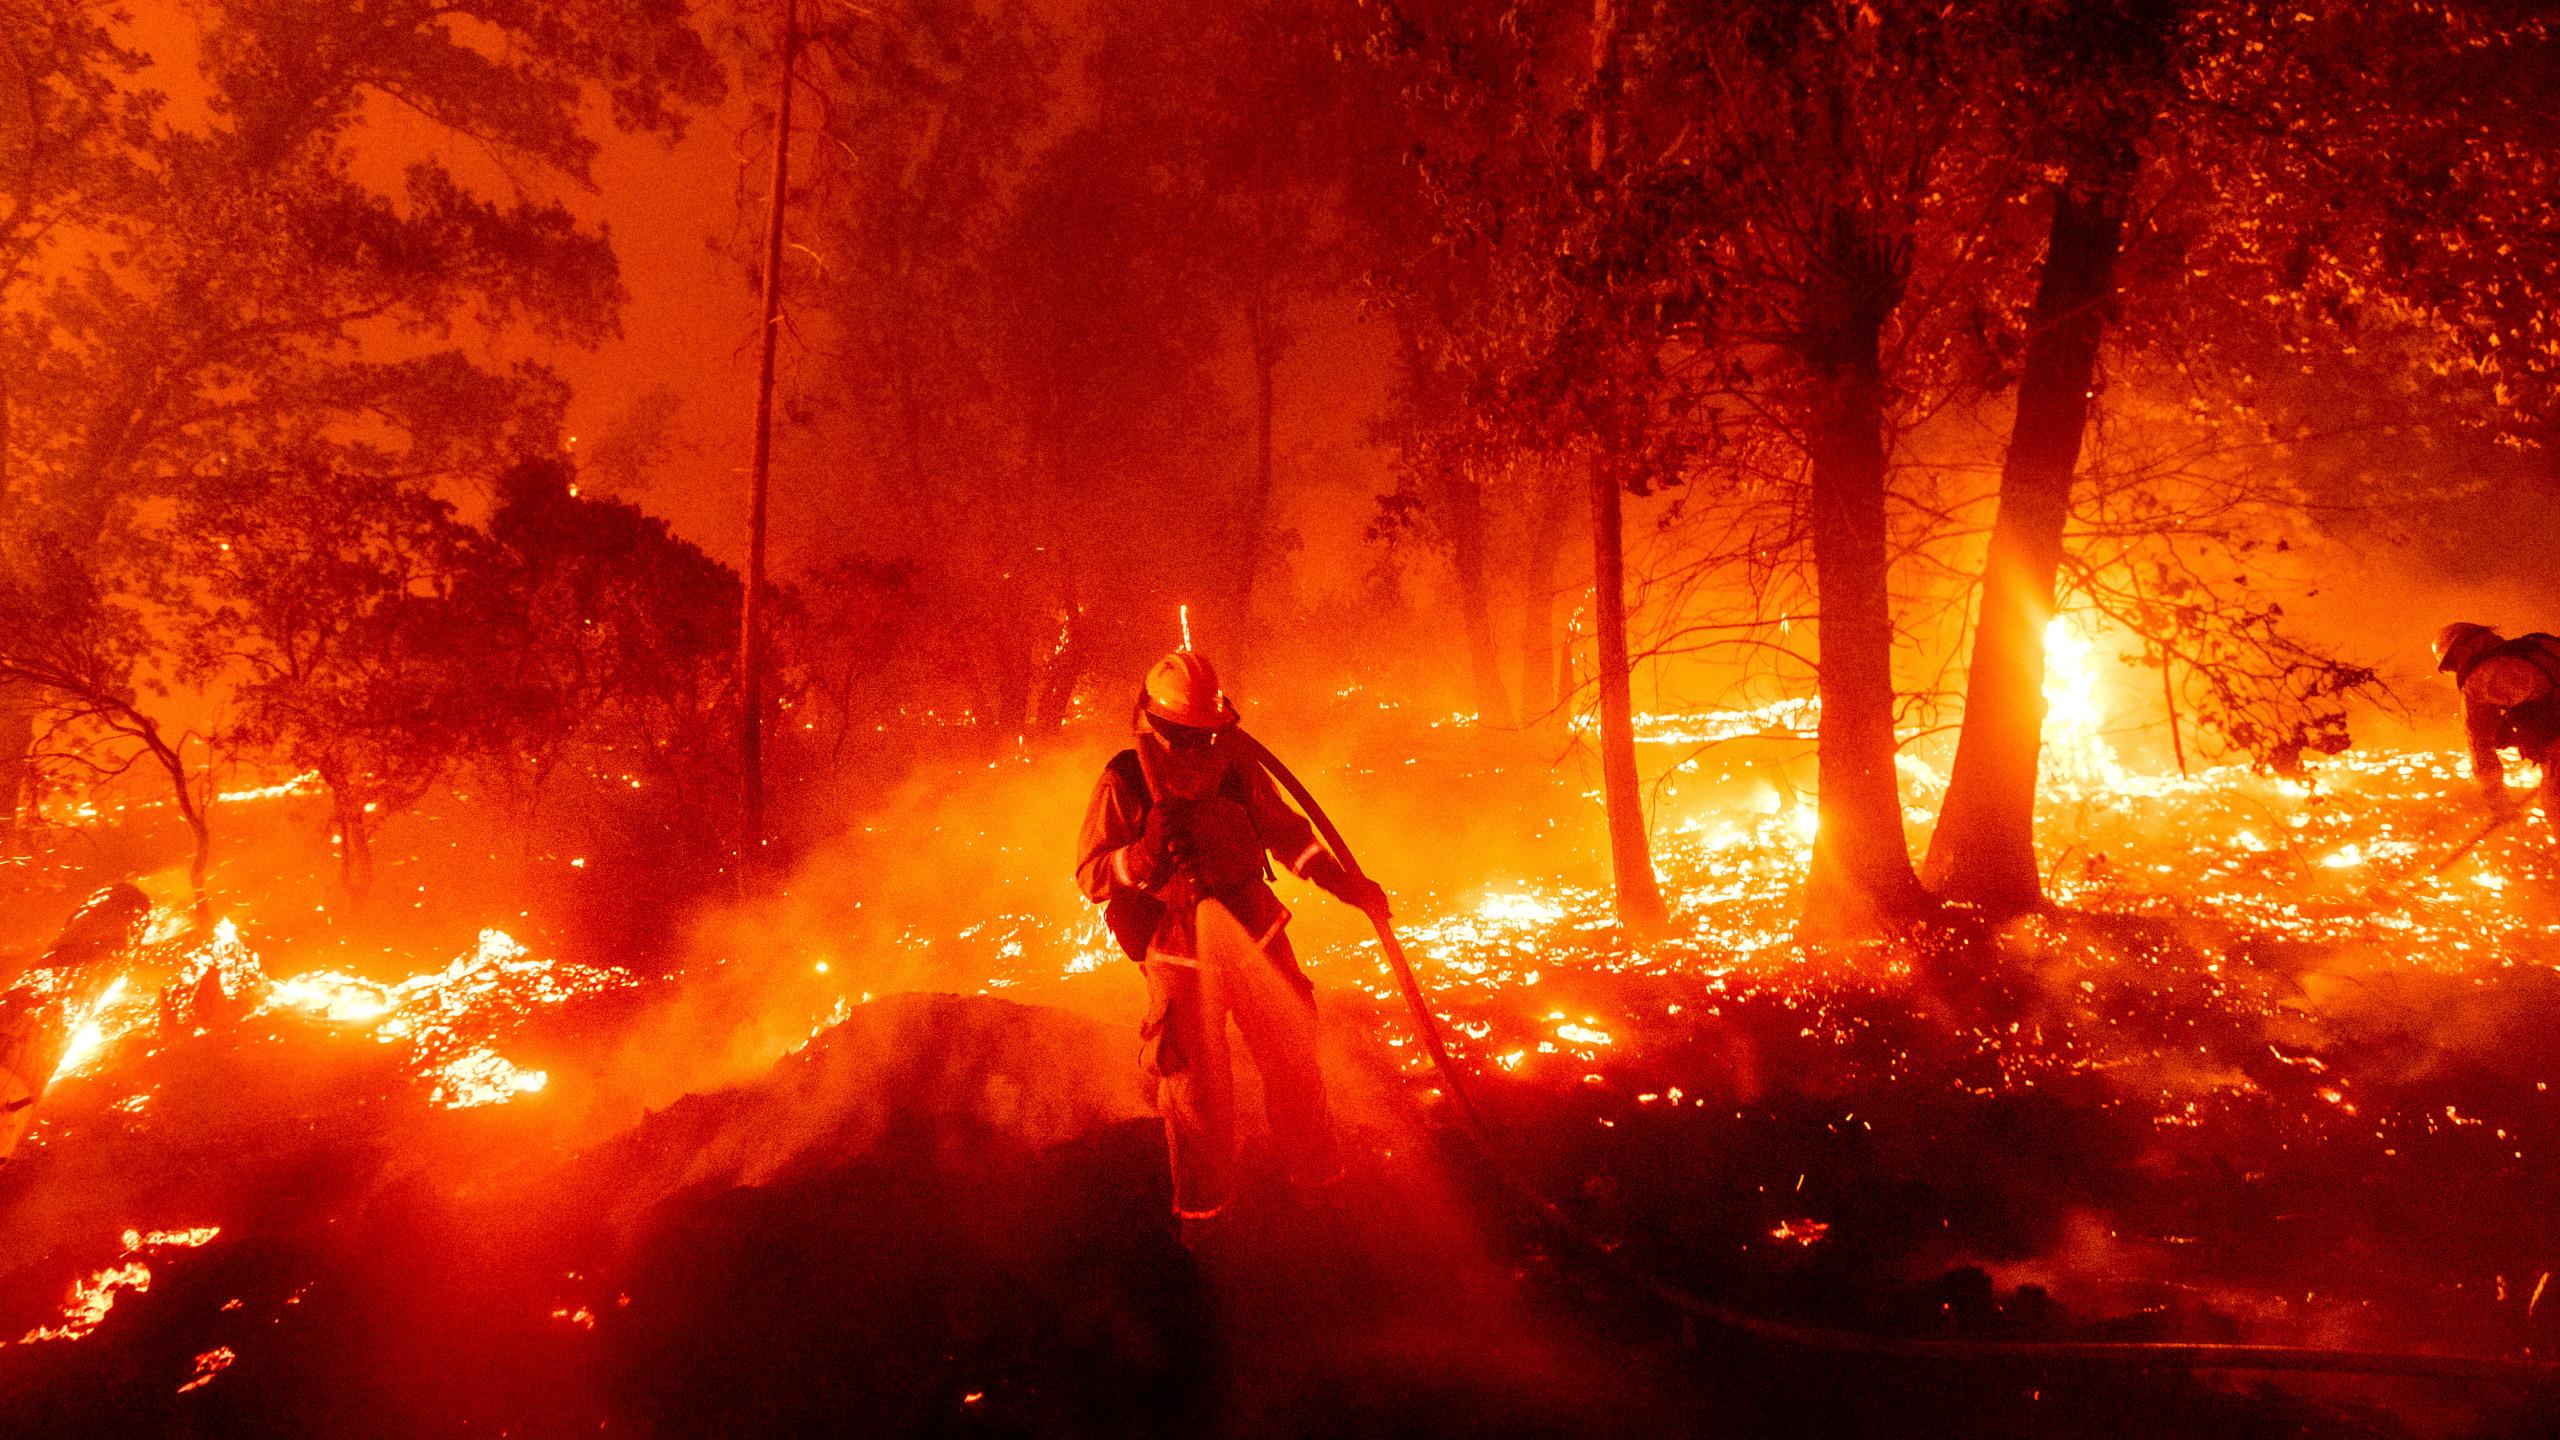 WestCoast - فیسبوک ادعاهای کذب درباره ی آتش سوزی های West Coast را مسدود می کند